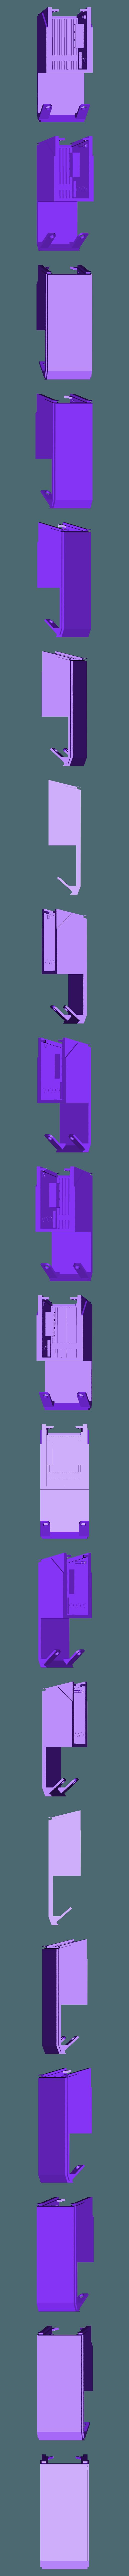 center.stl Télécharger fichier STL gratuit centre détaillé du rhinocéros • Objet à imprimer en 3D, Punisher_4u